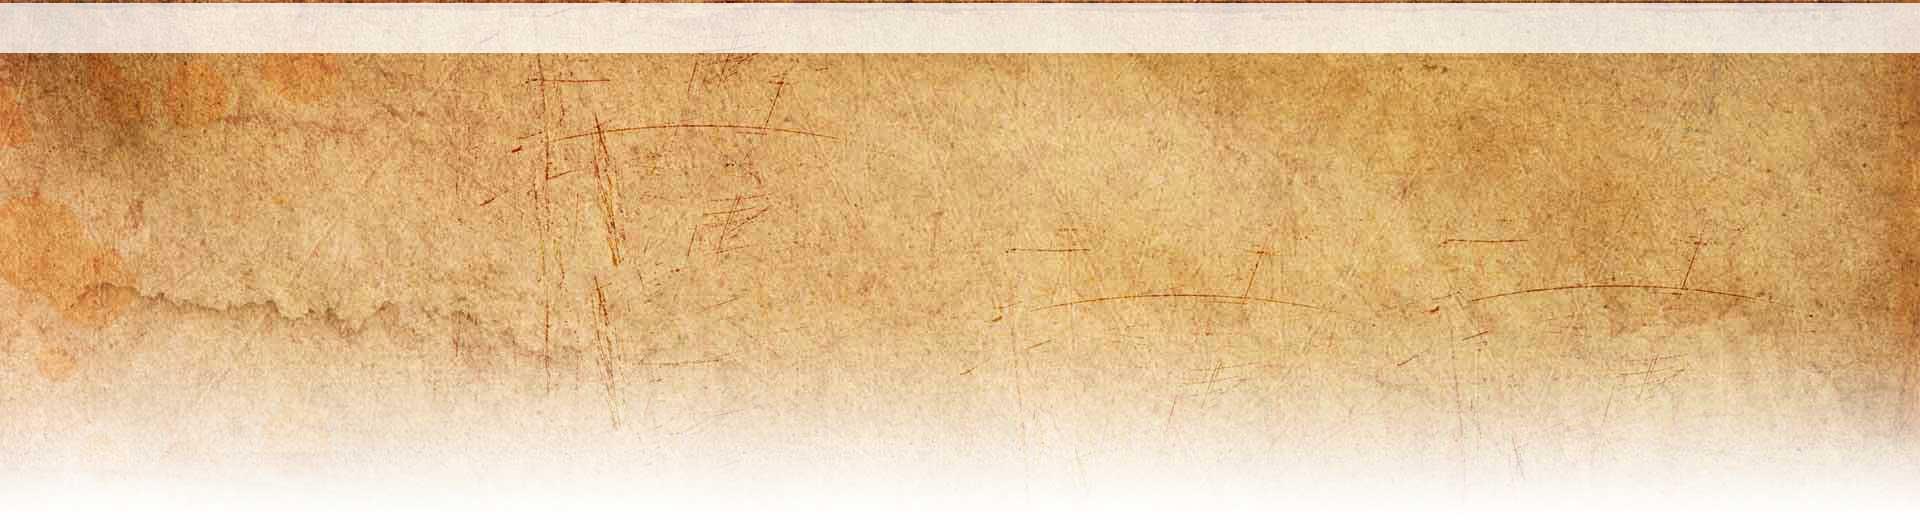 Complete Bible Genealogy Jesus Family Tree Kings Of Judah And Israel